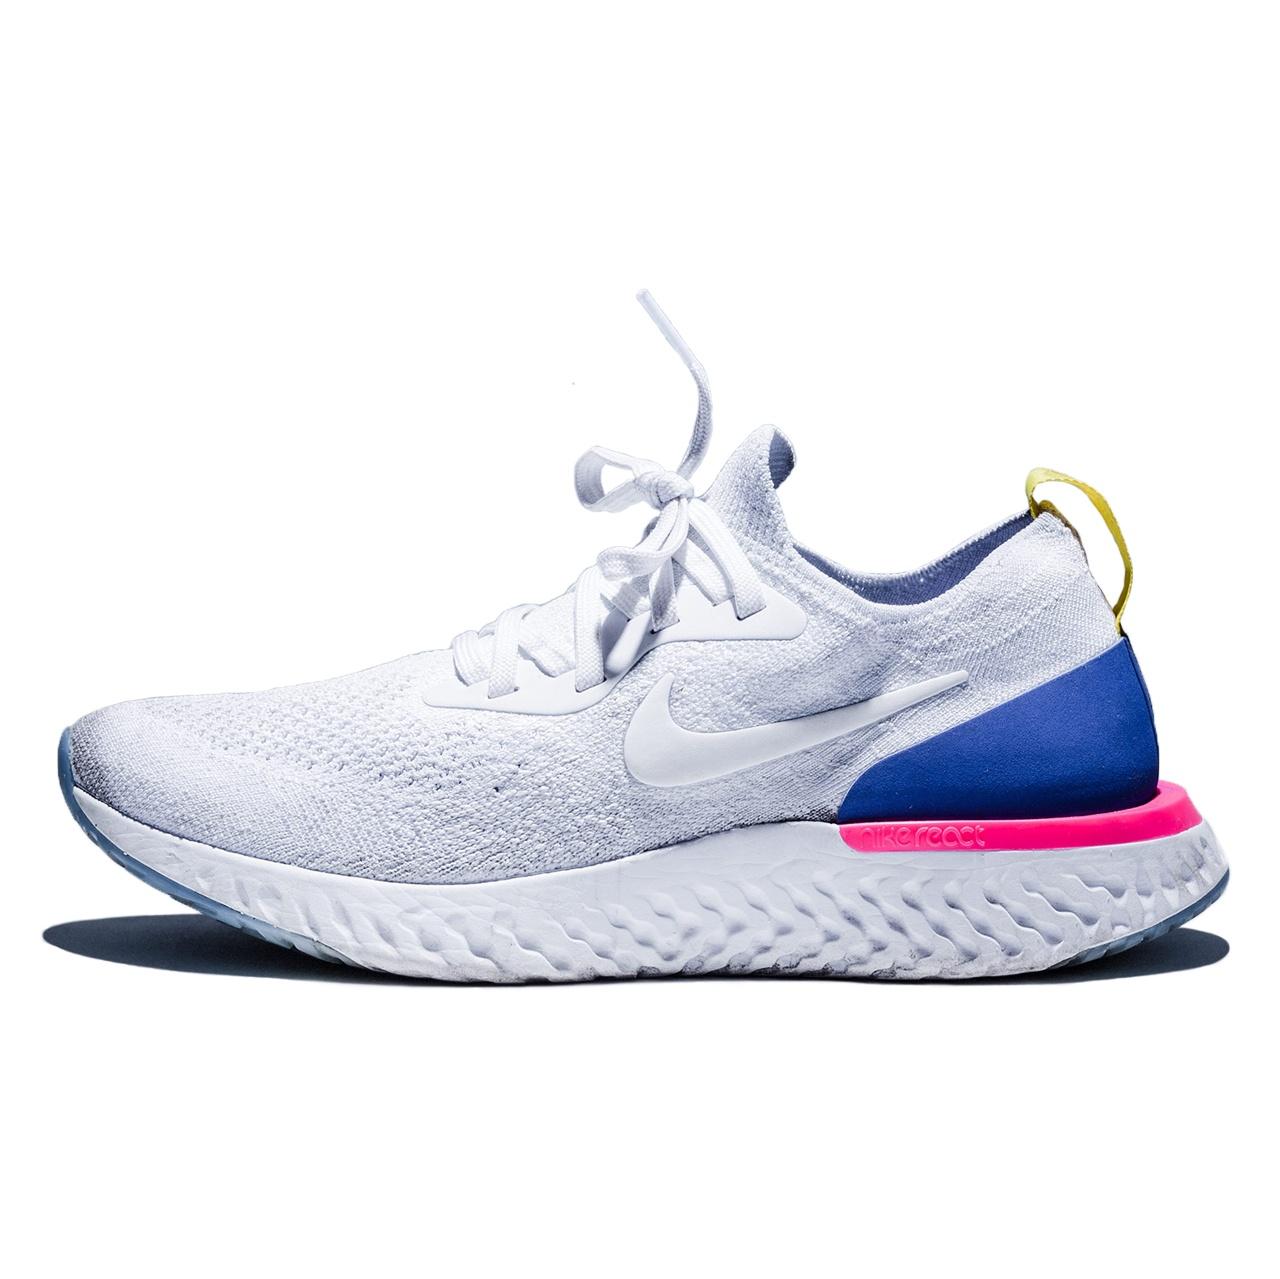 کفش مخصوص دویدن زنانه نایکی مدل Epic React Flyknit